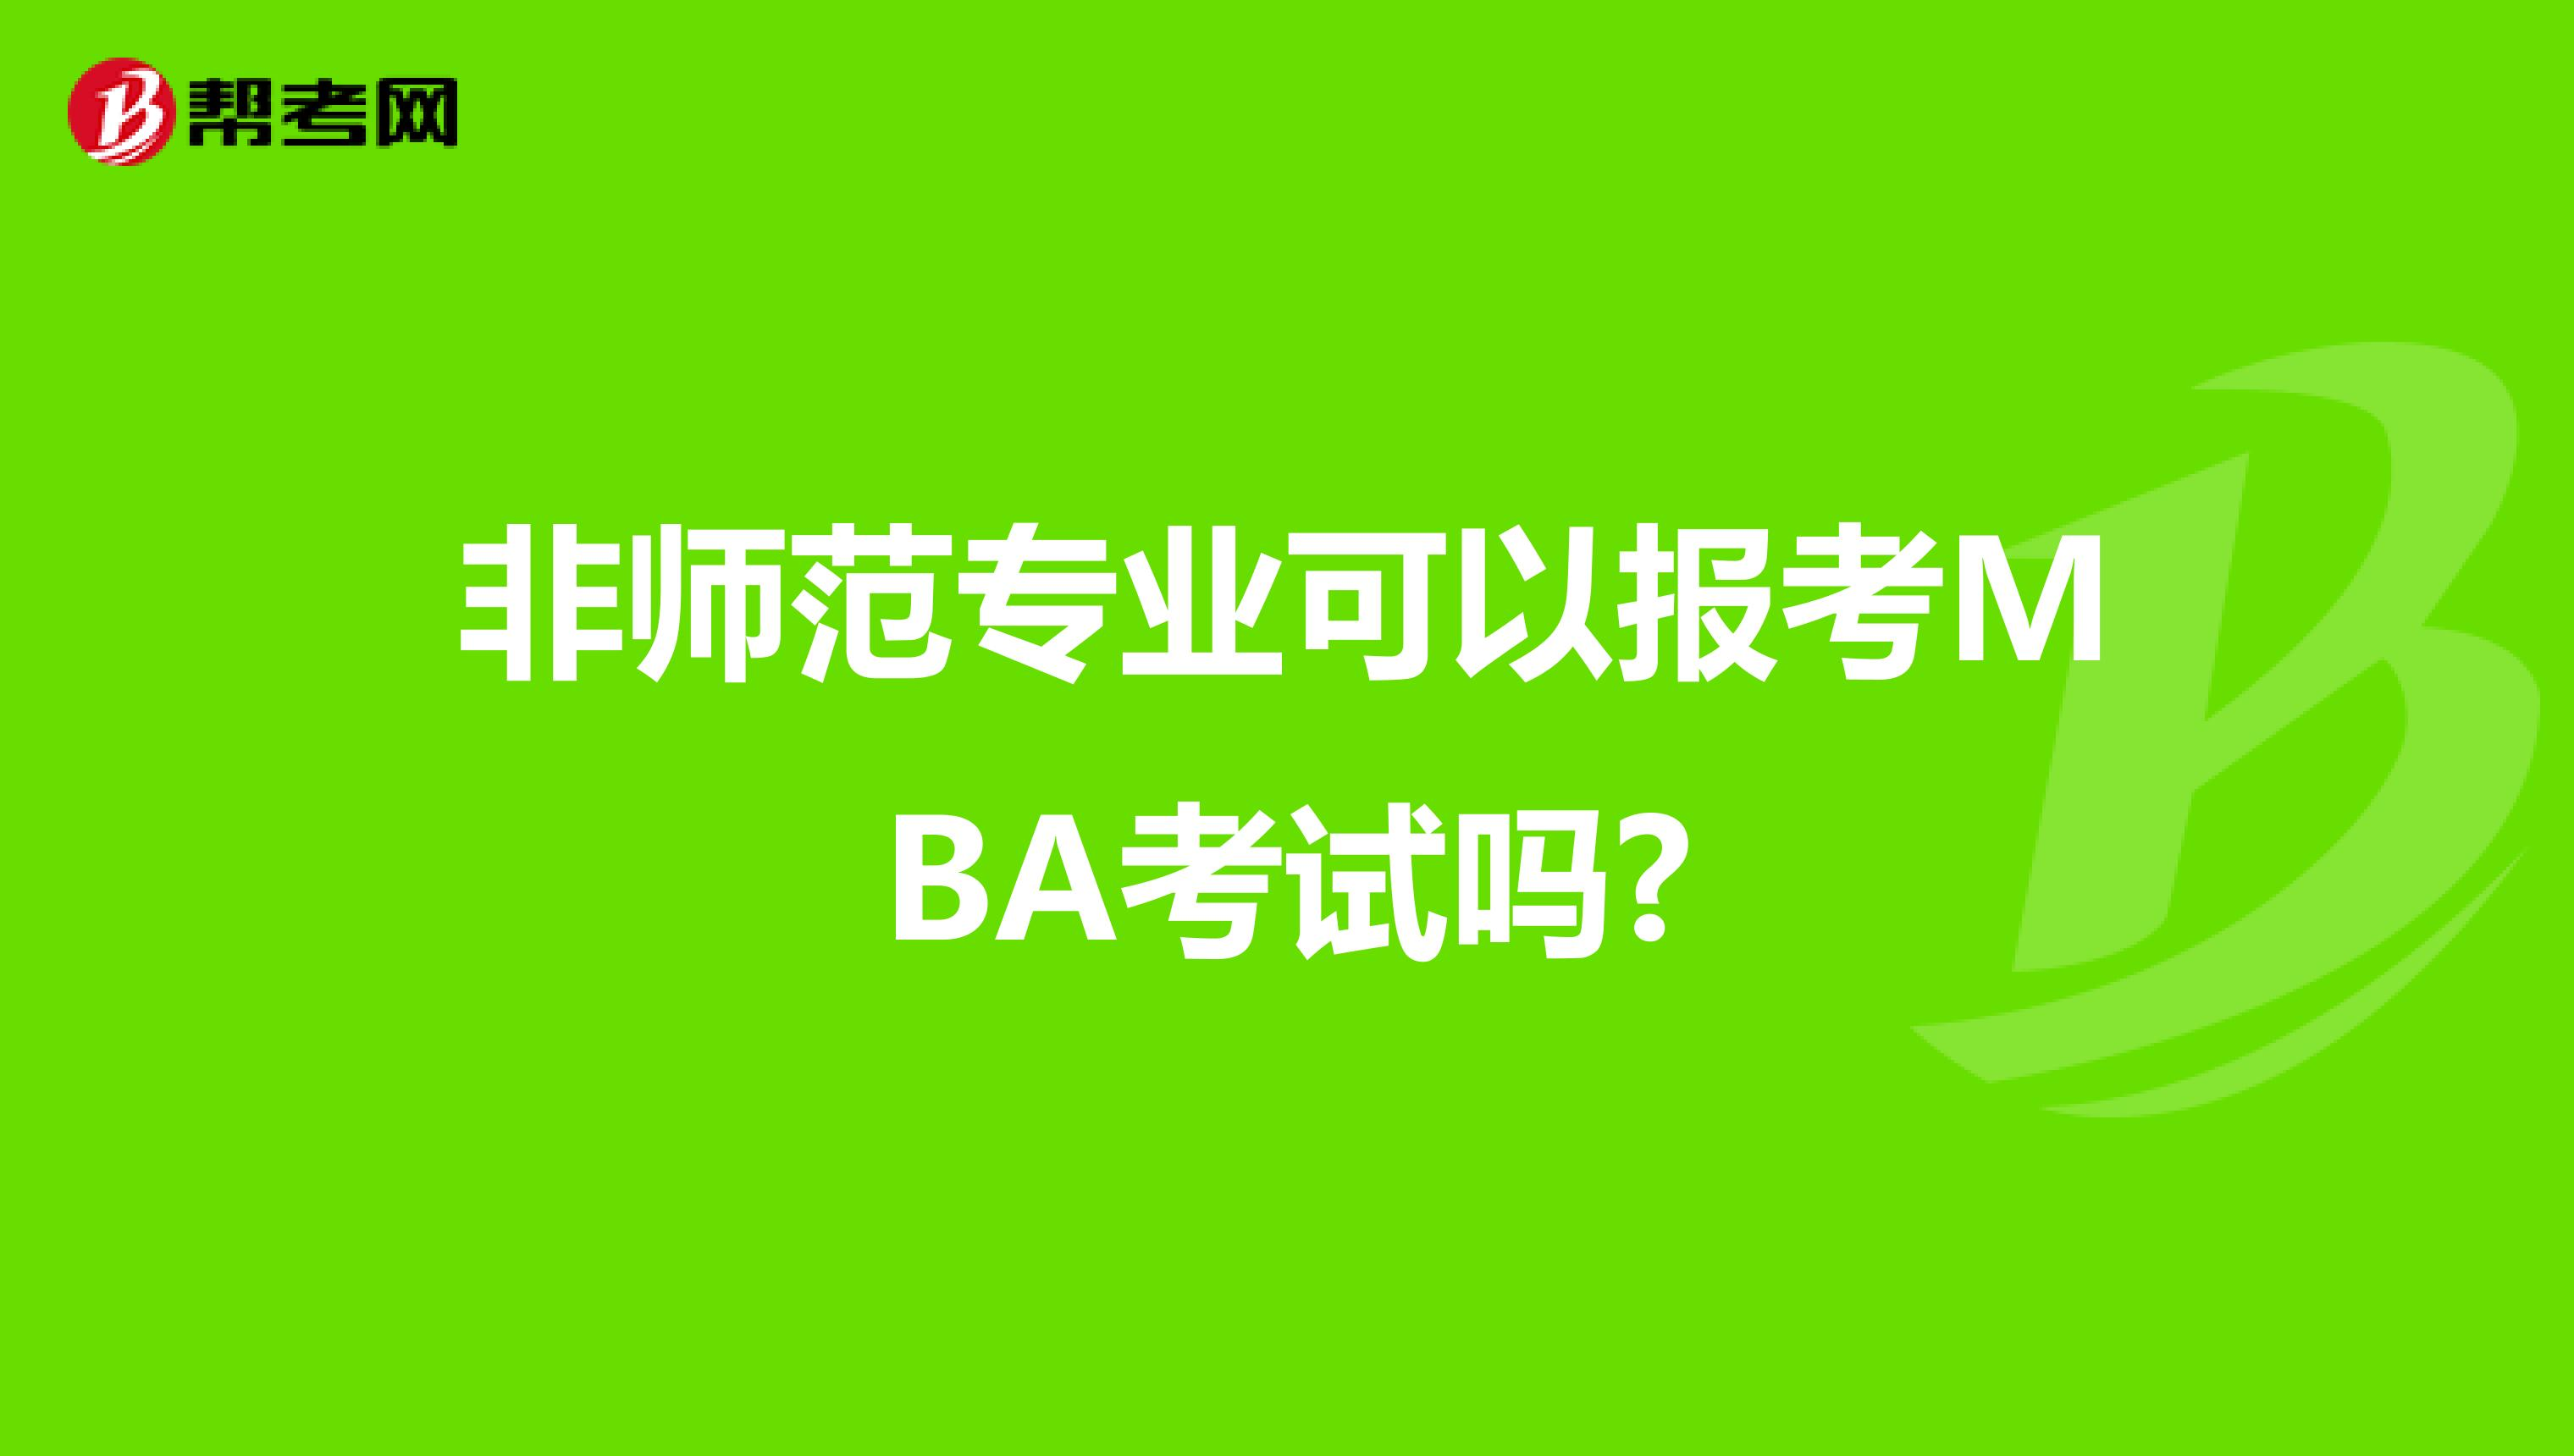 非师范专业可以报考MBA考试吗?